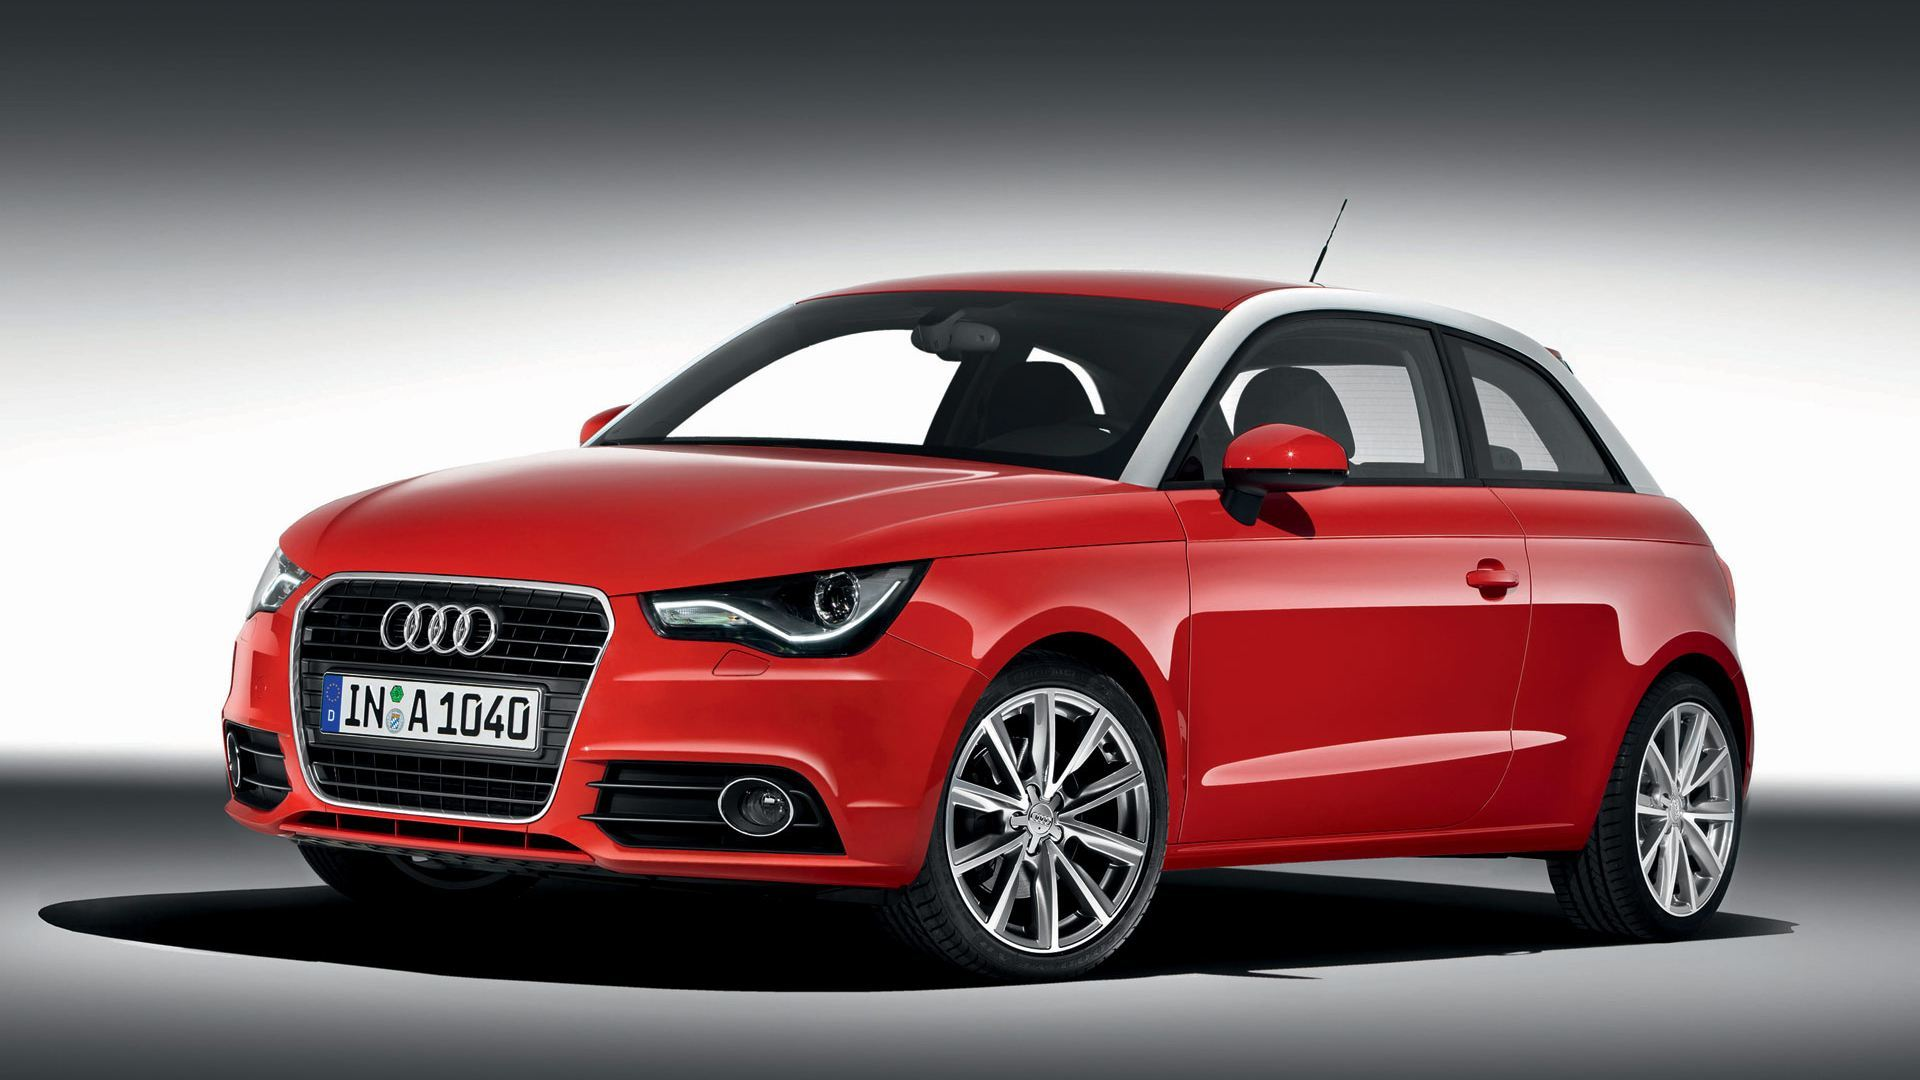 Android dans des Audi : les systèmes embarqués en question au CES 2014